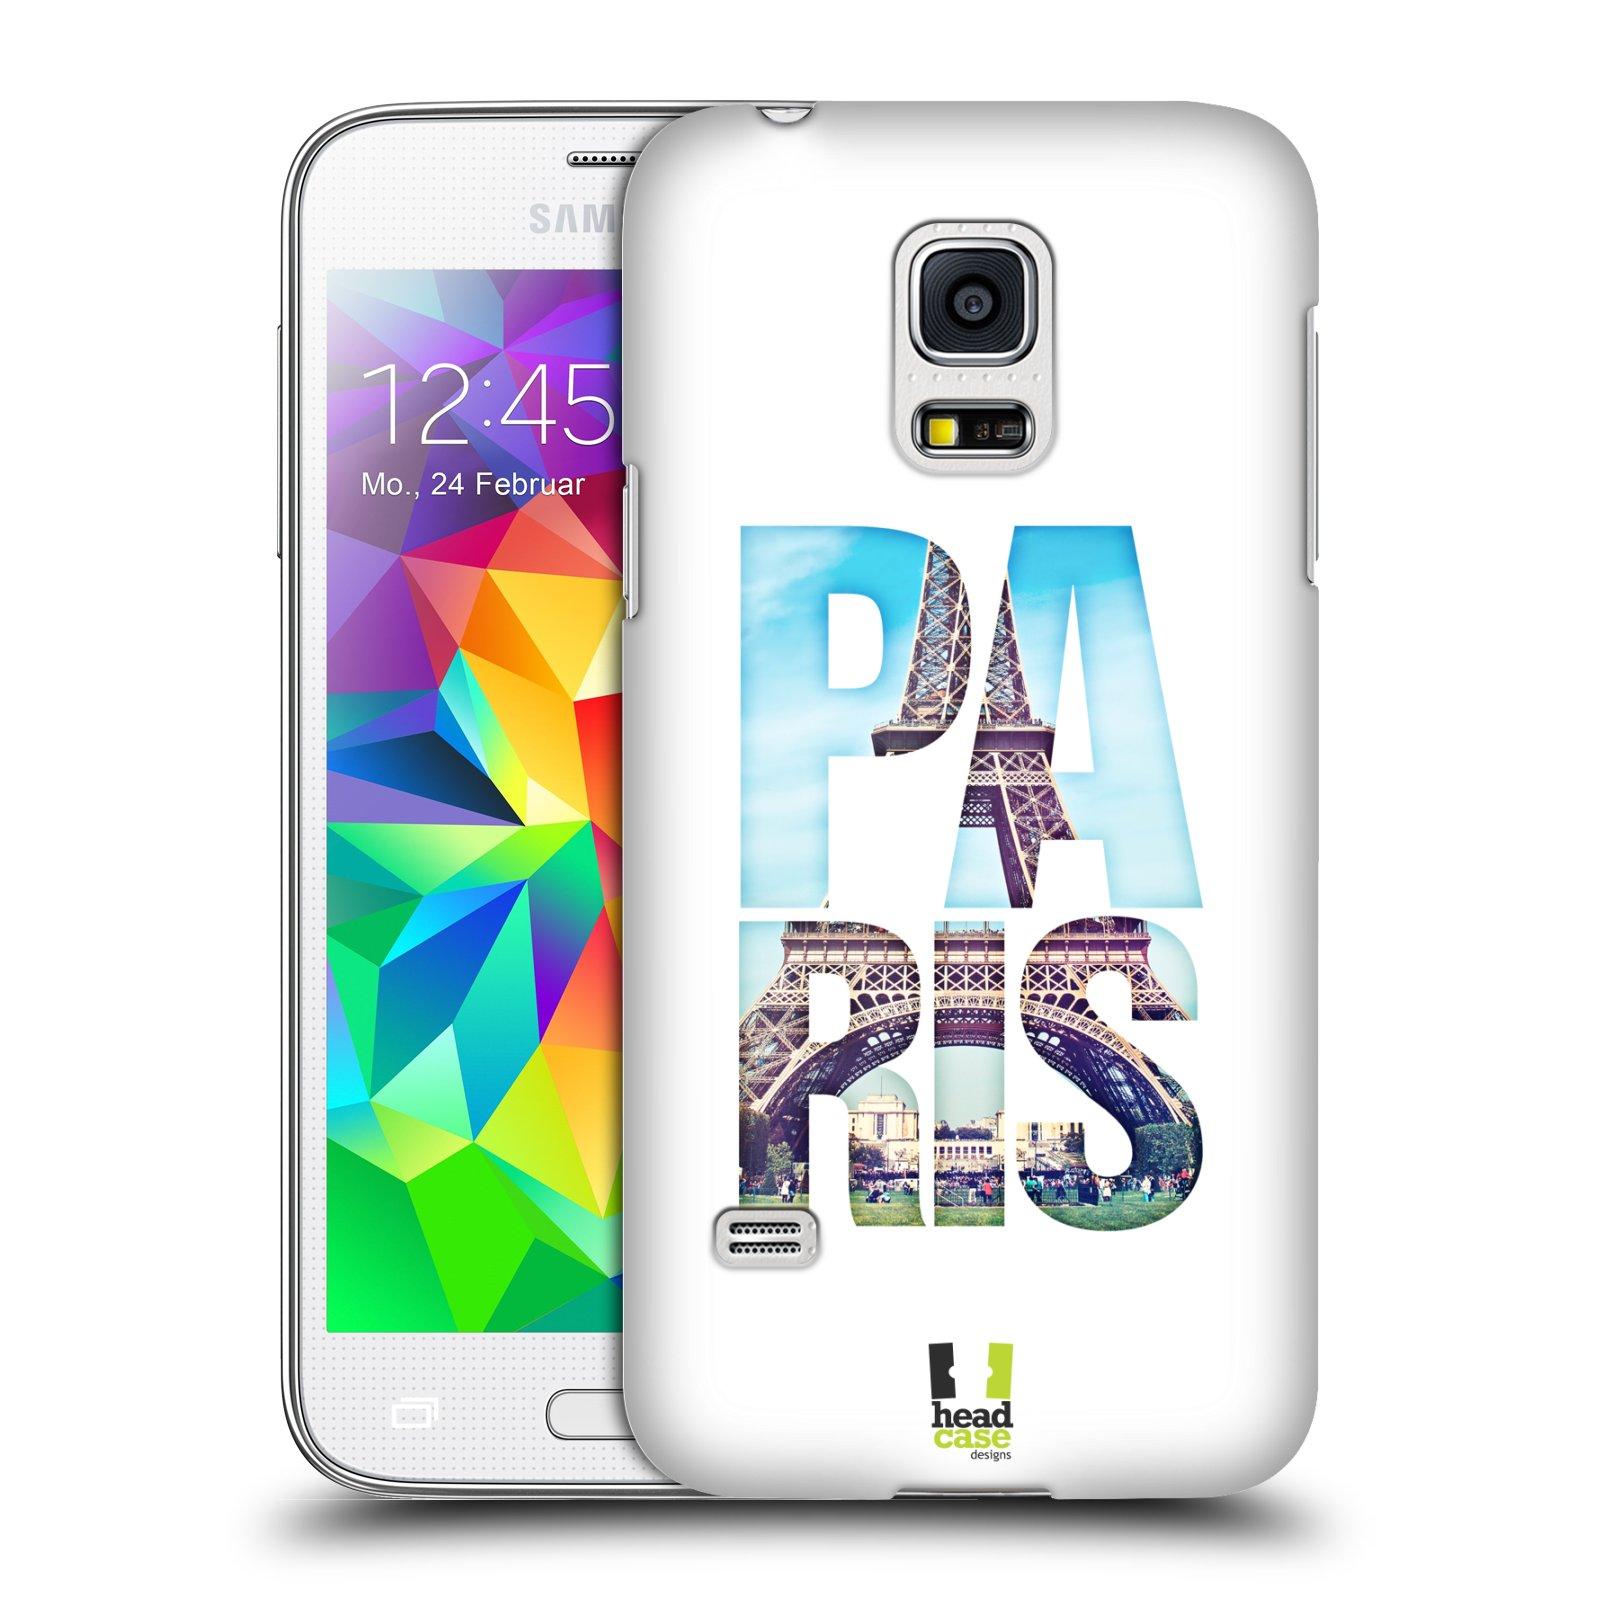 HEAD CASE plastový obal na mobil SAMSUNG Galaxy S5 MINI / S5 MINI DUOS vzor Města foto a nadpis FRANCIE, PAŘÍŽ, EIFFELOVA VĚŽ